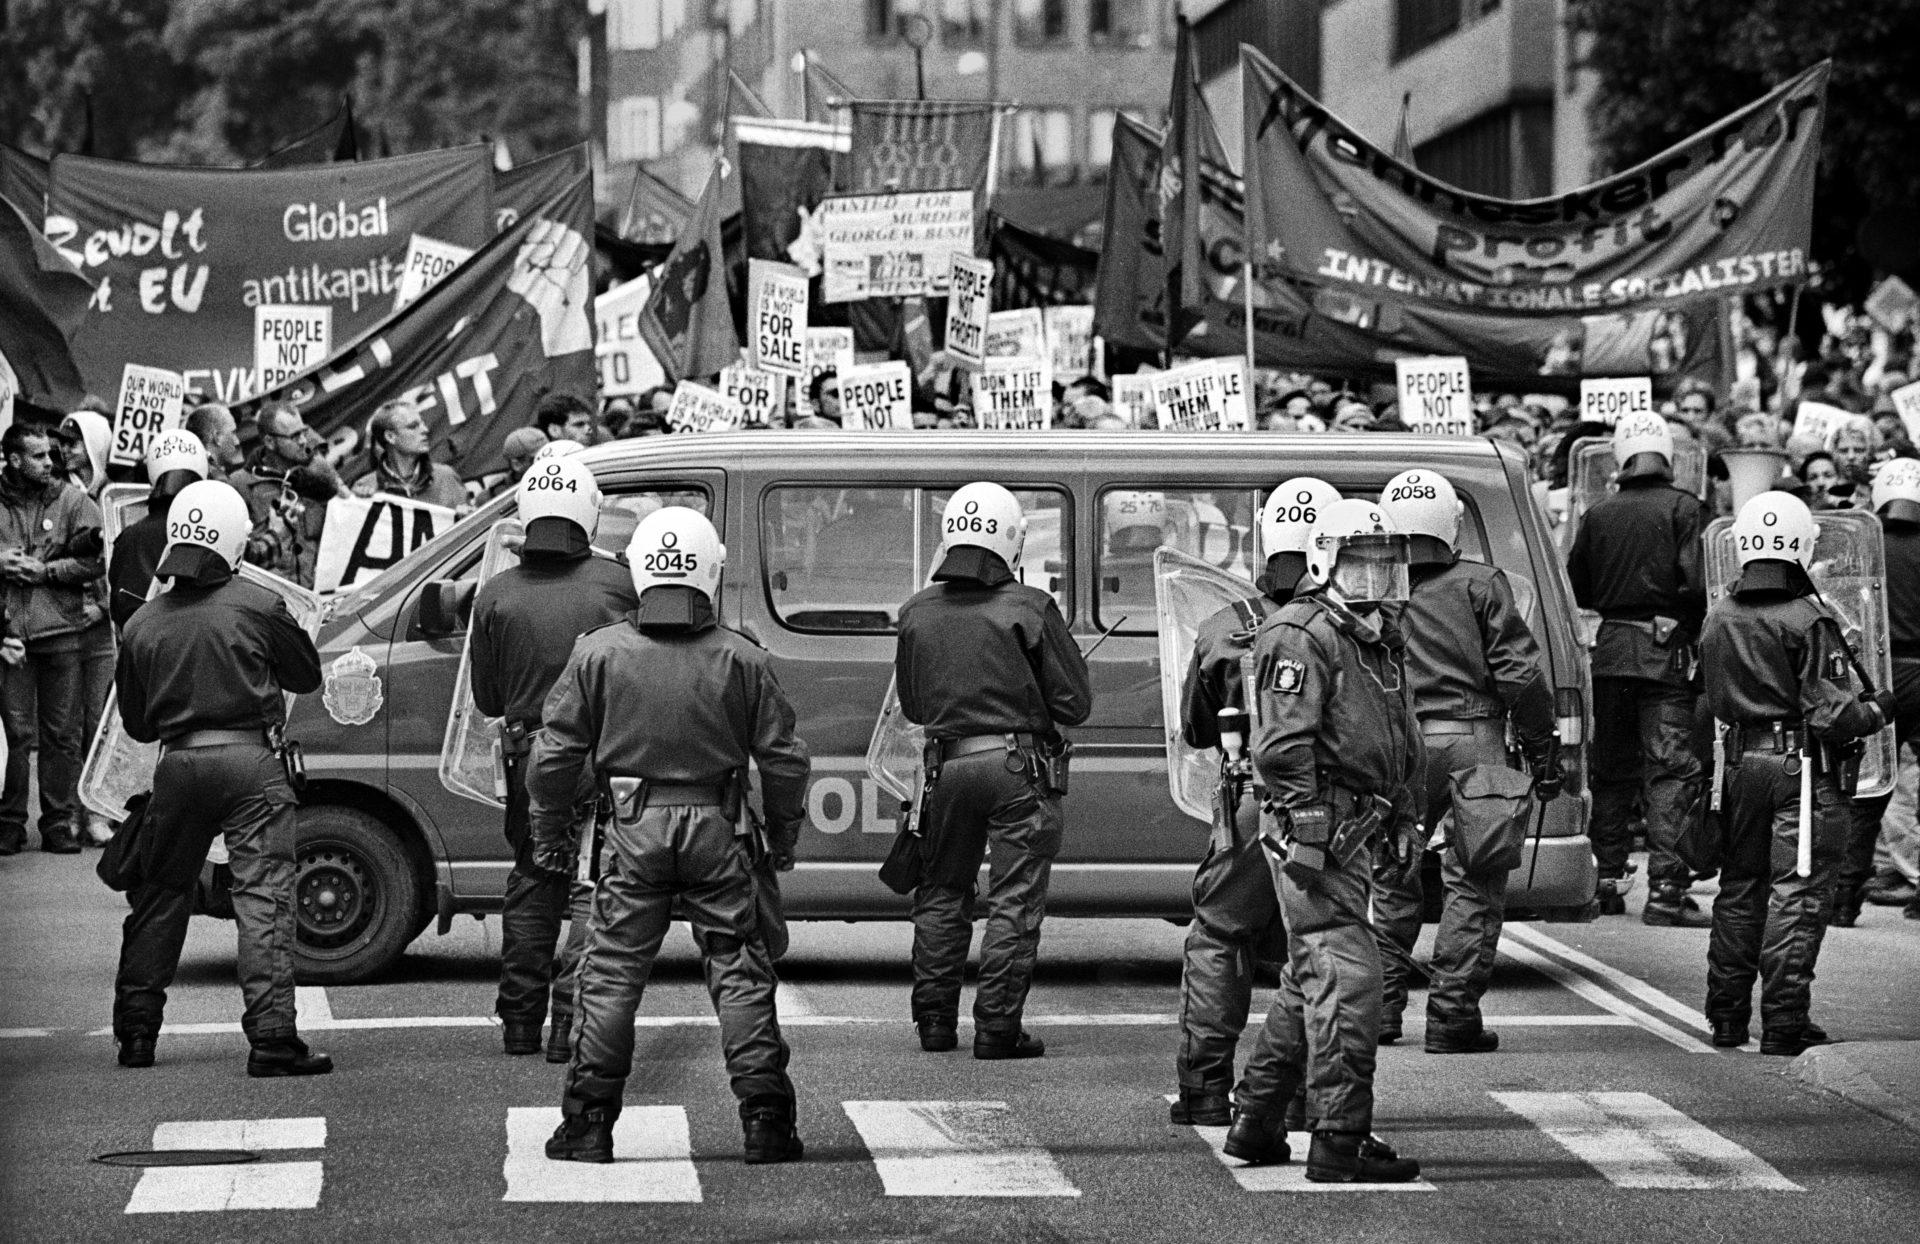 Svartvit bild. Poliser med ryggarna mot kameran. Demonstranter med skyltar och banderoller.